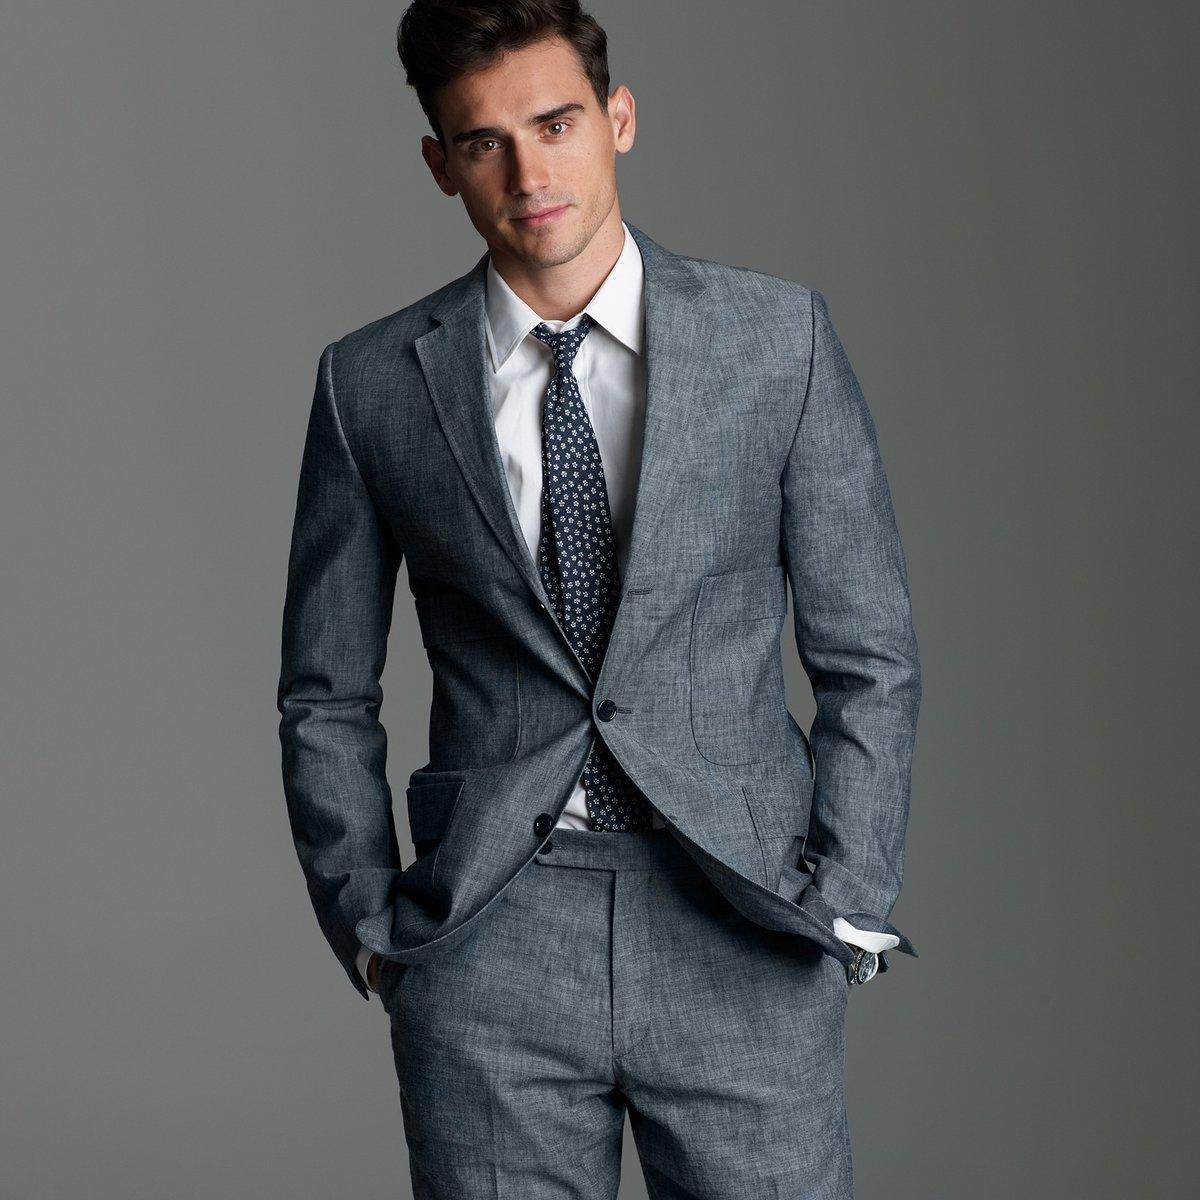 картинки классической одежды мужчин этот раз нам